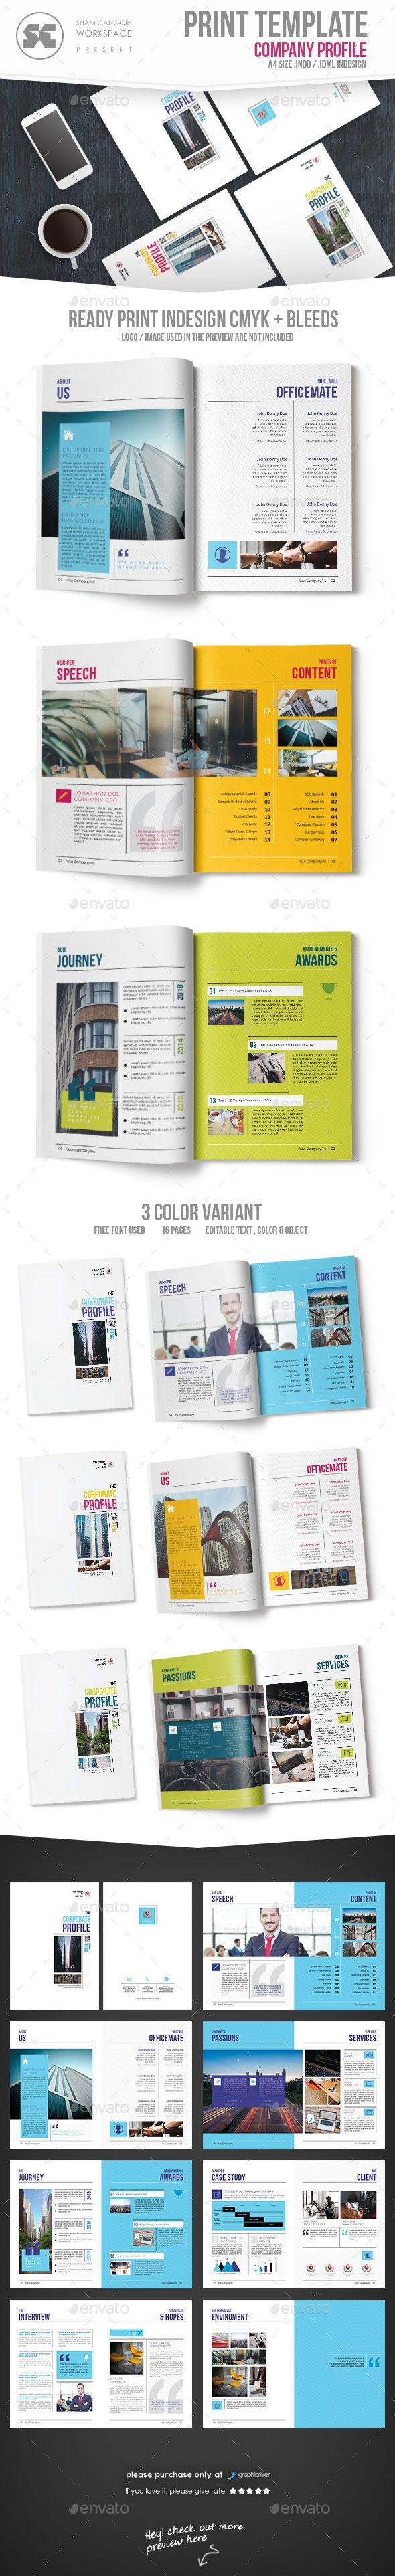 Company Profile Company Profile Corporate Brochure And Brochures - Company profile brochure template